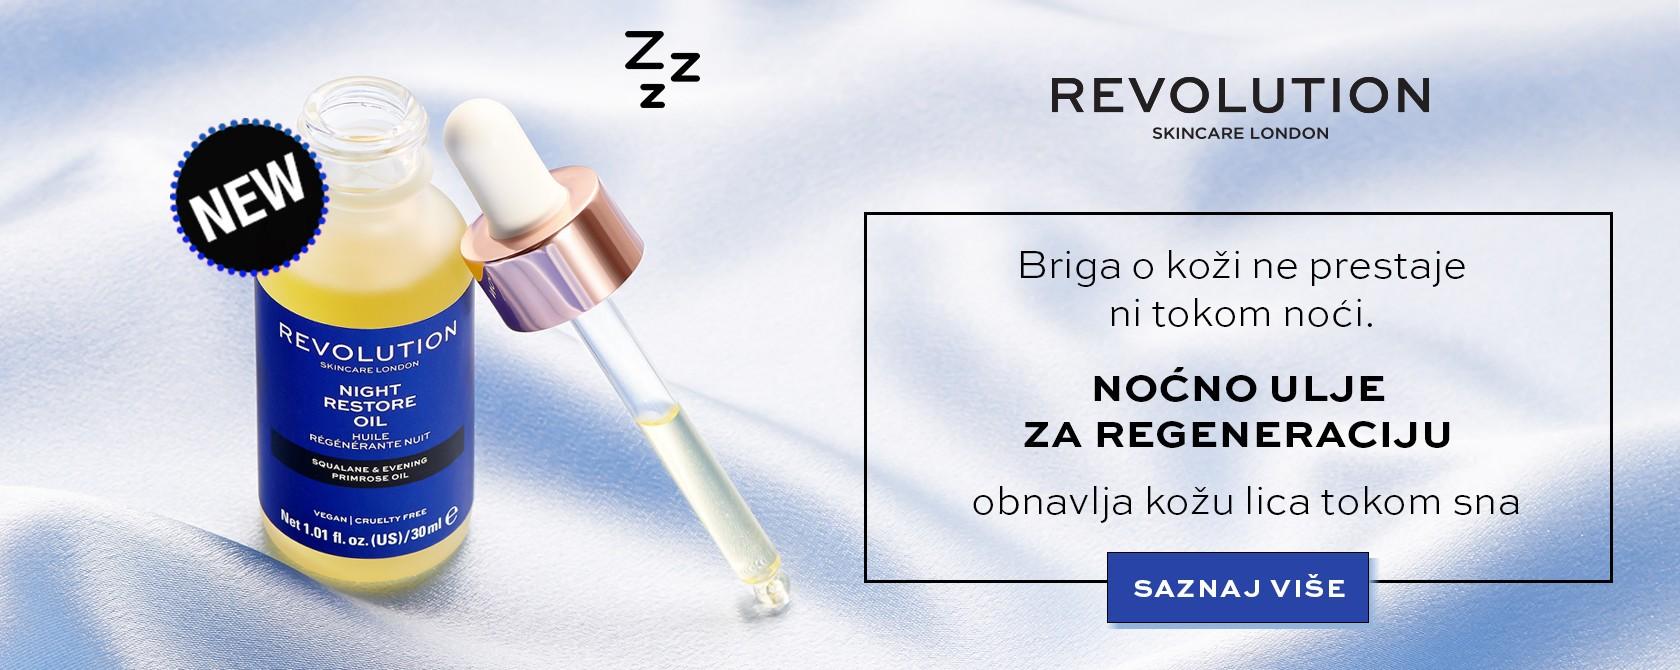 Revolution noćno ulje za regeneraciju